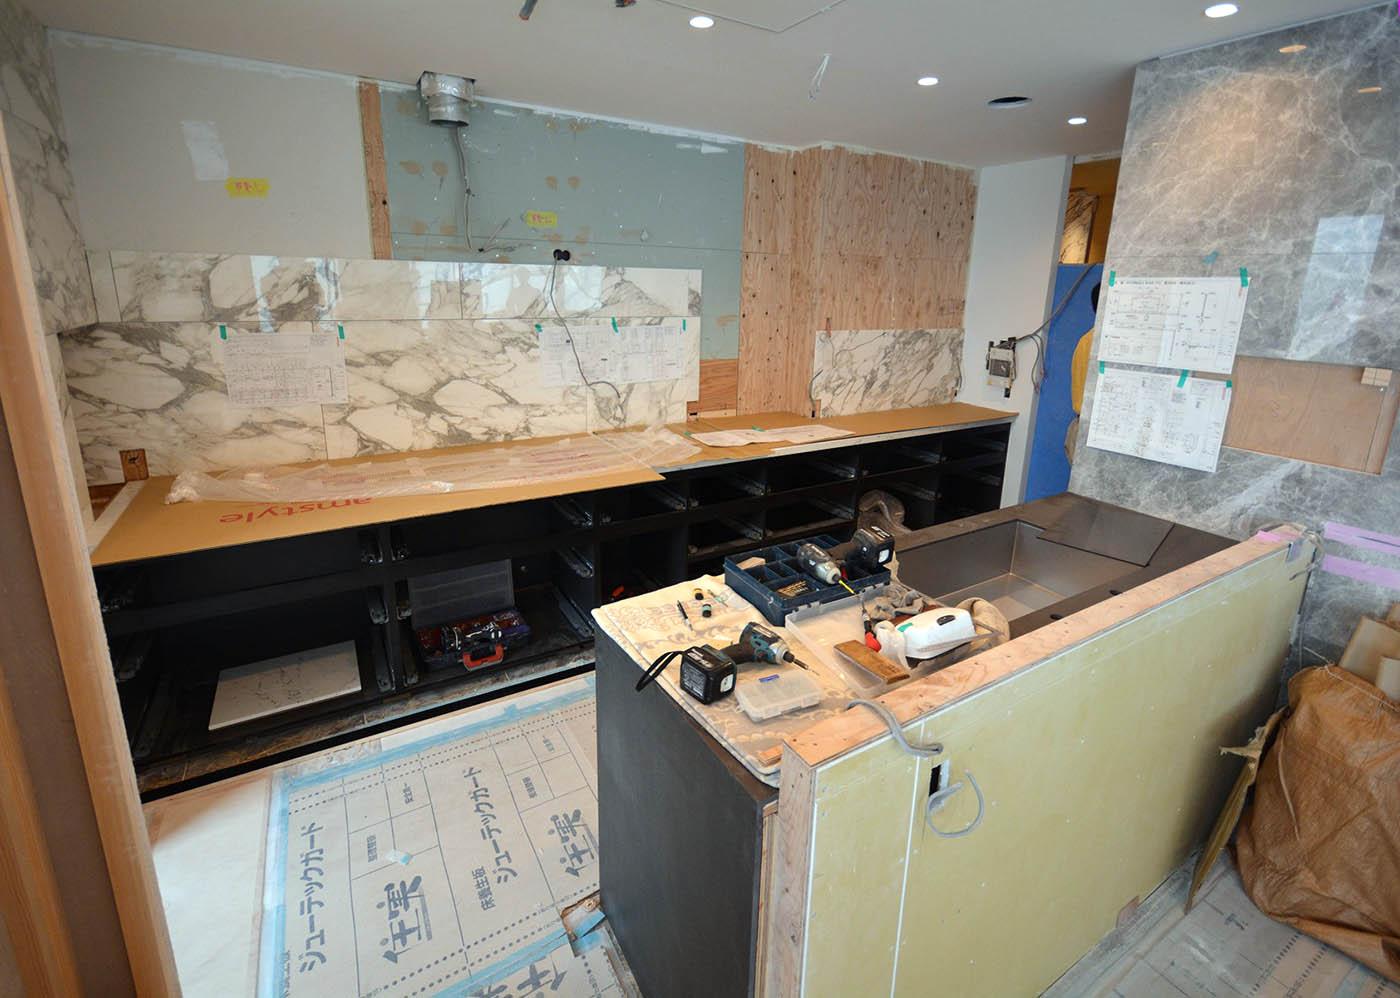 アムスタイルの大型キッチン組み立て中@高級マンションリノベーション